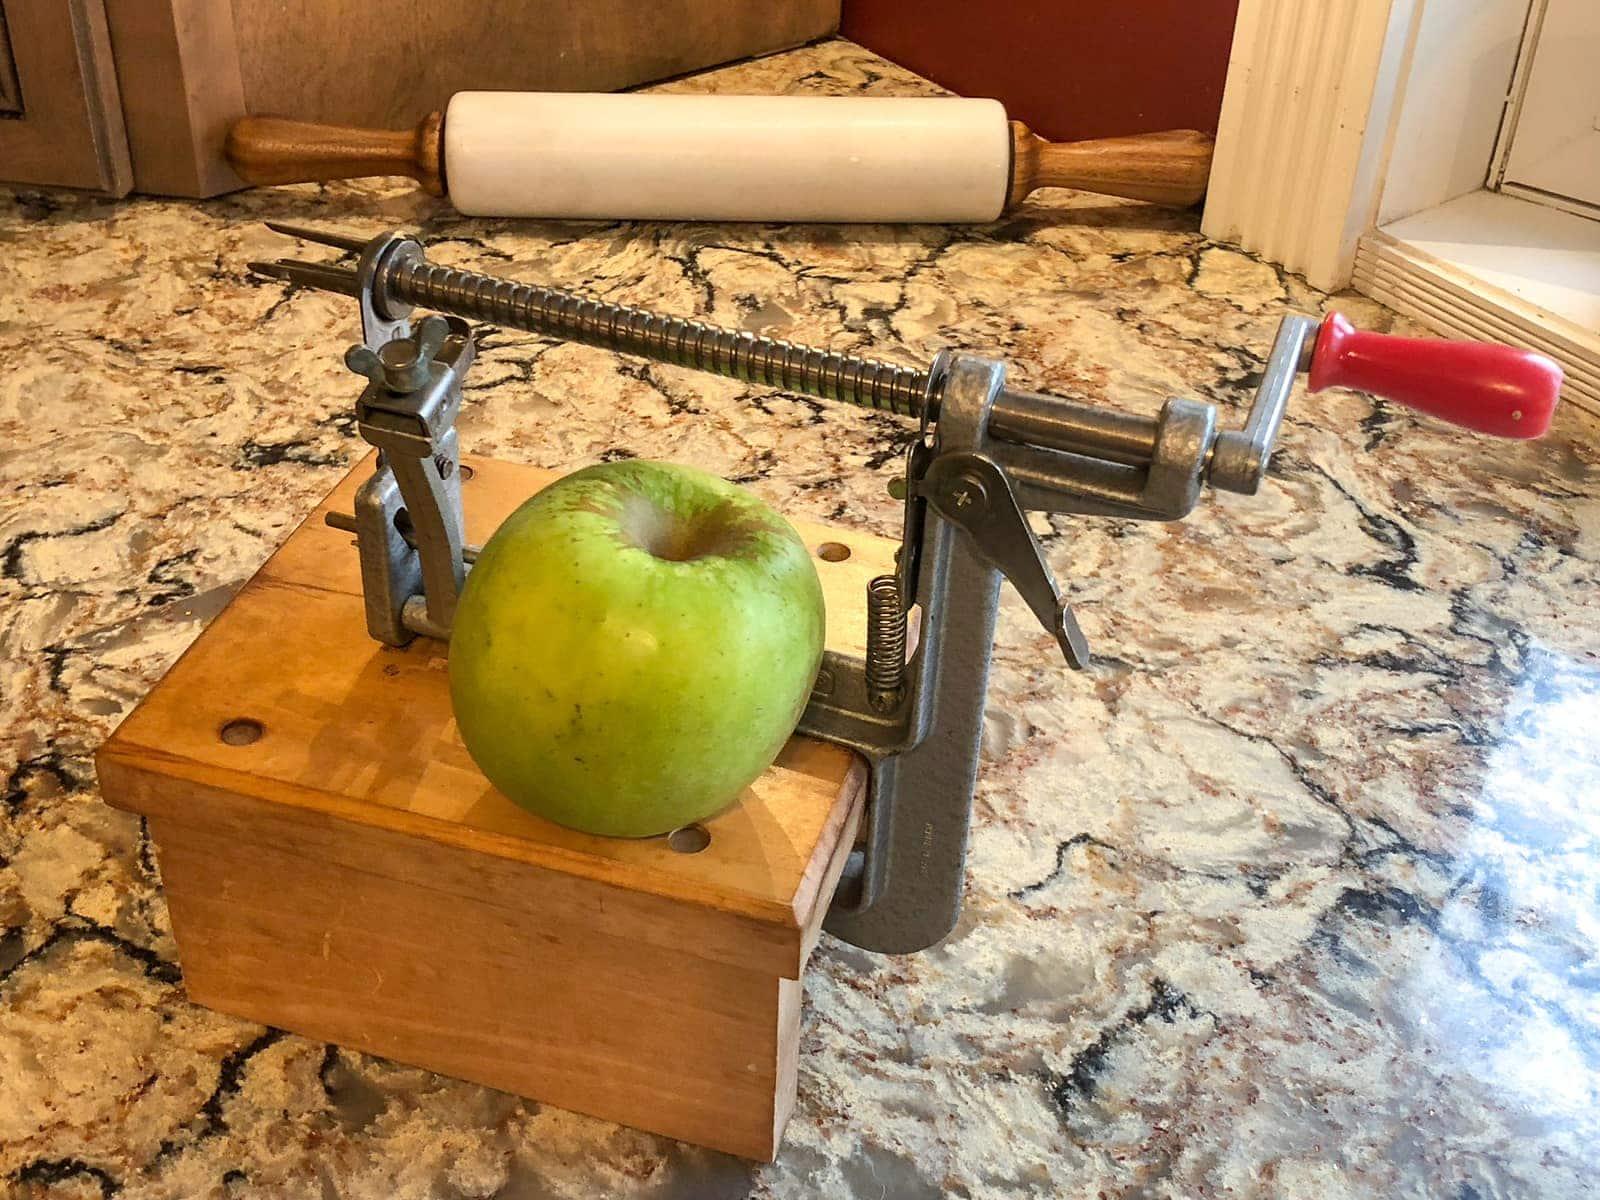 Fullsize Of Pampered Chef Apple Peeler